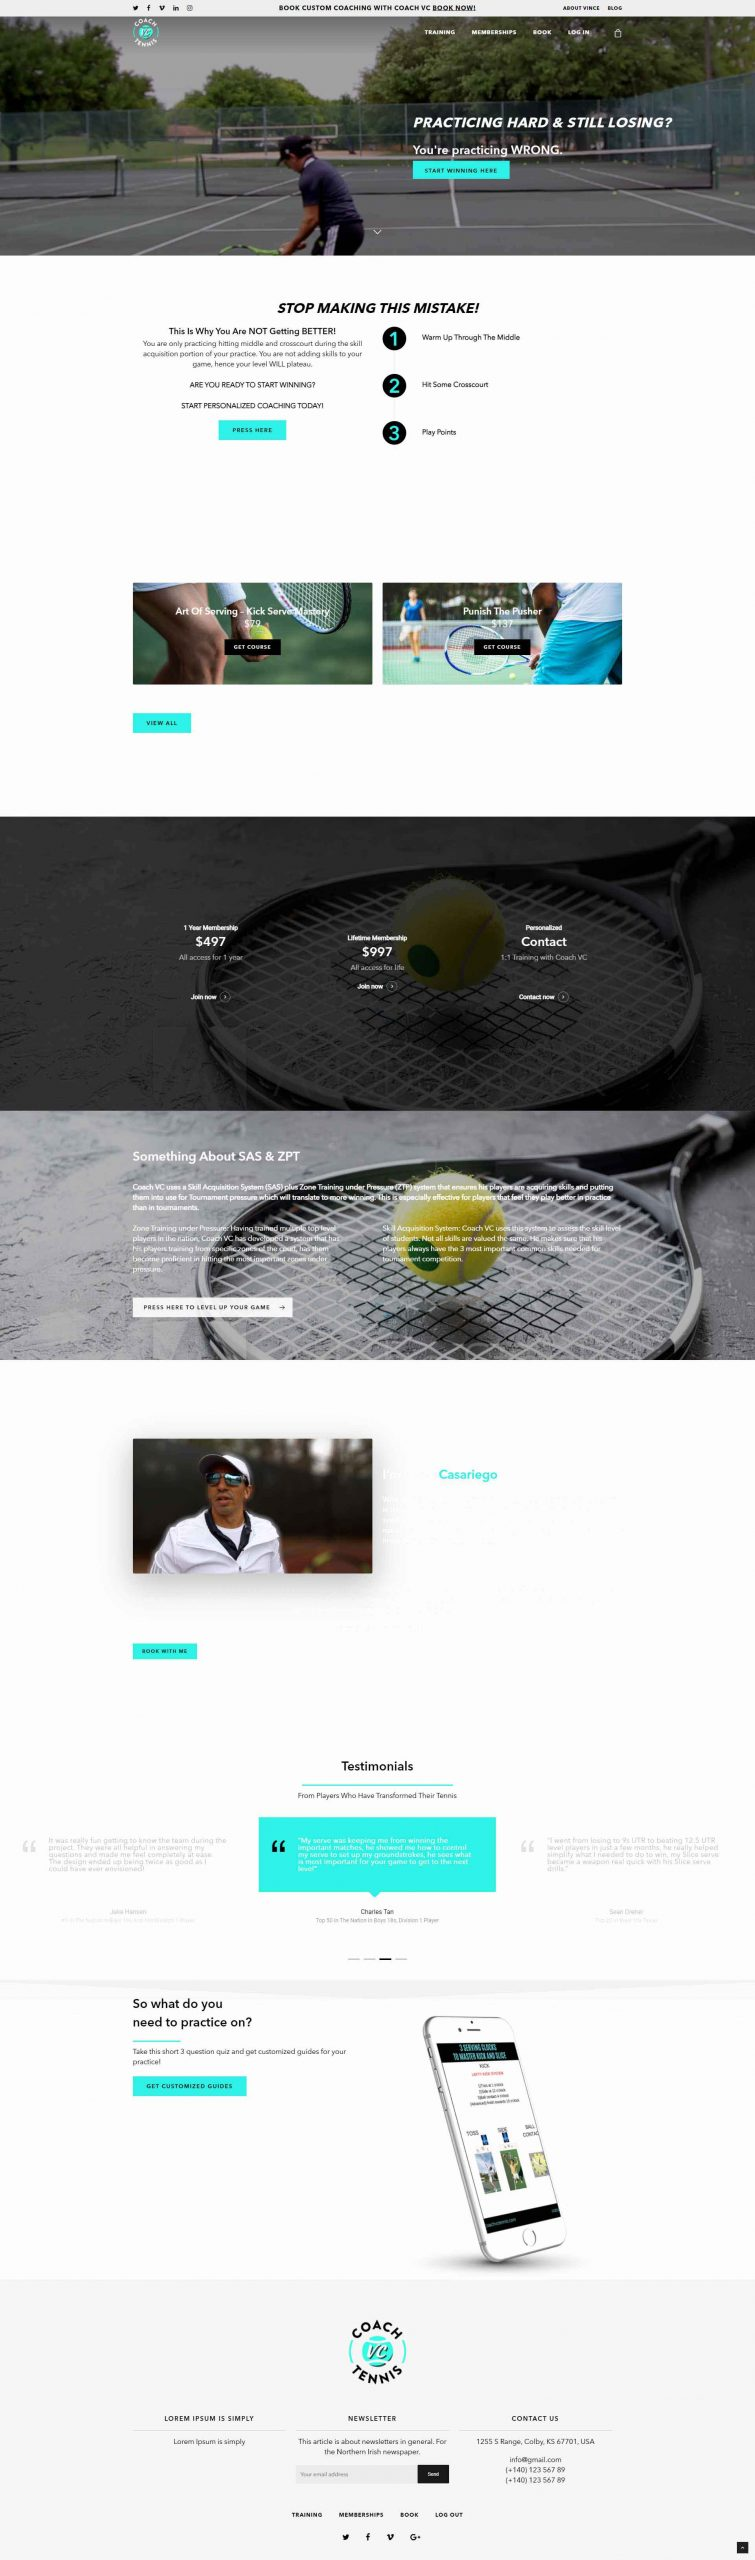 Coach vc tennis